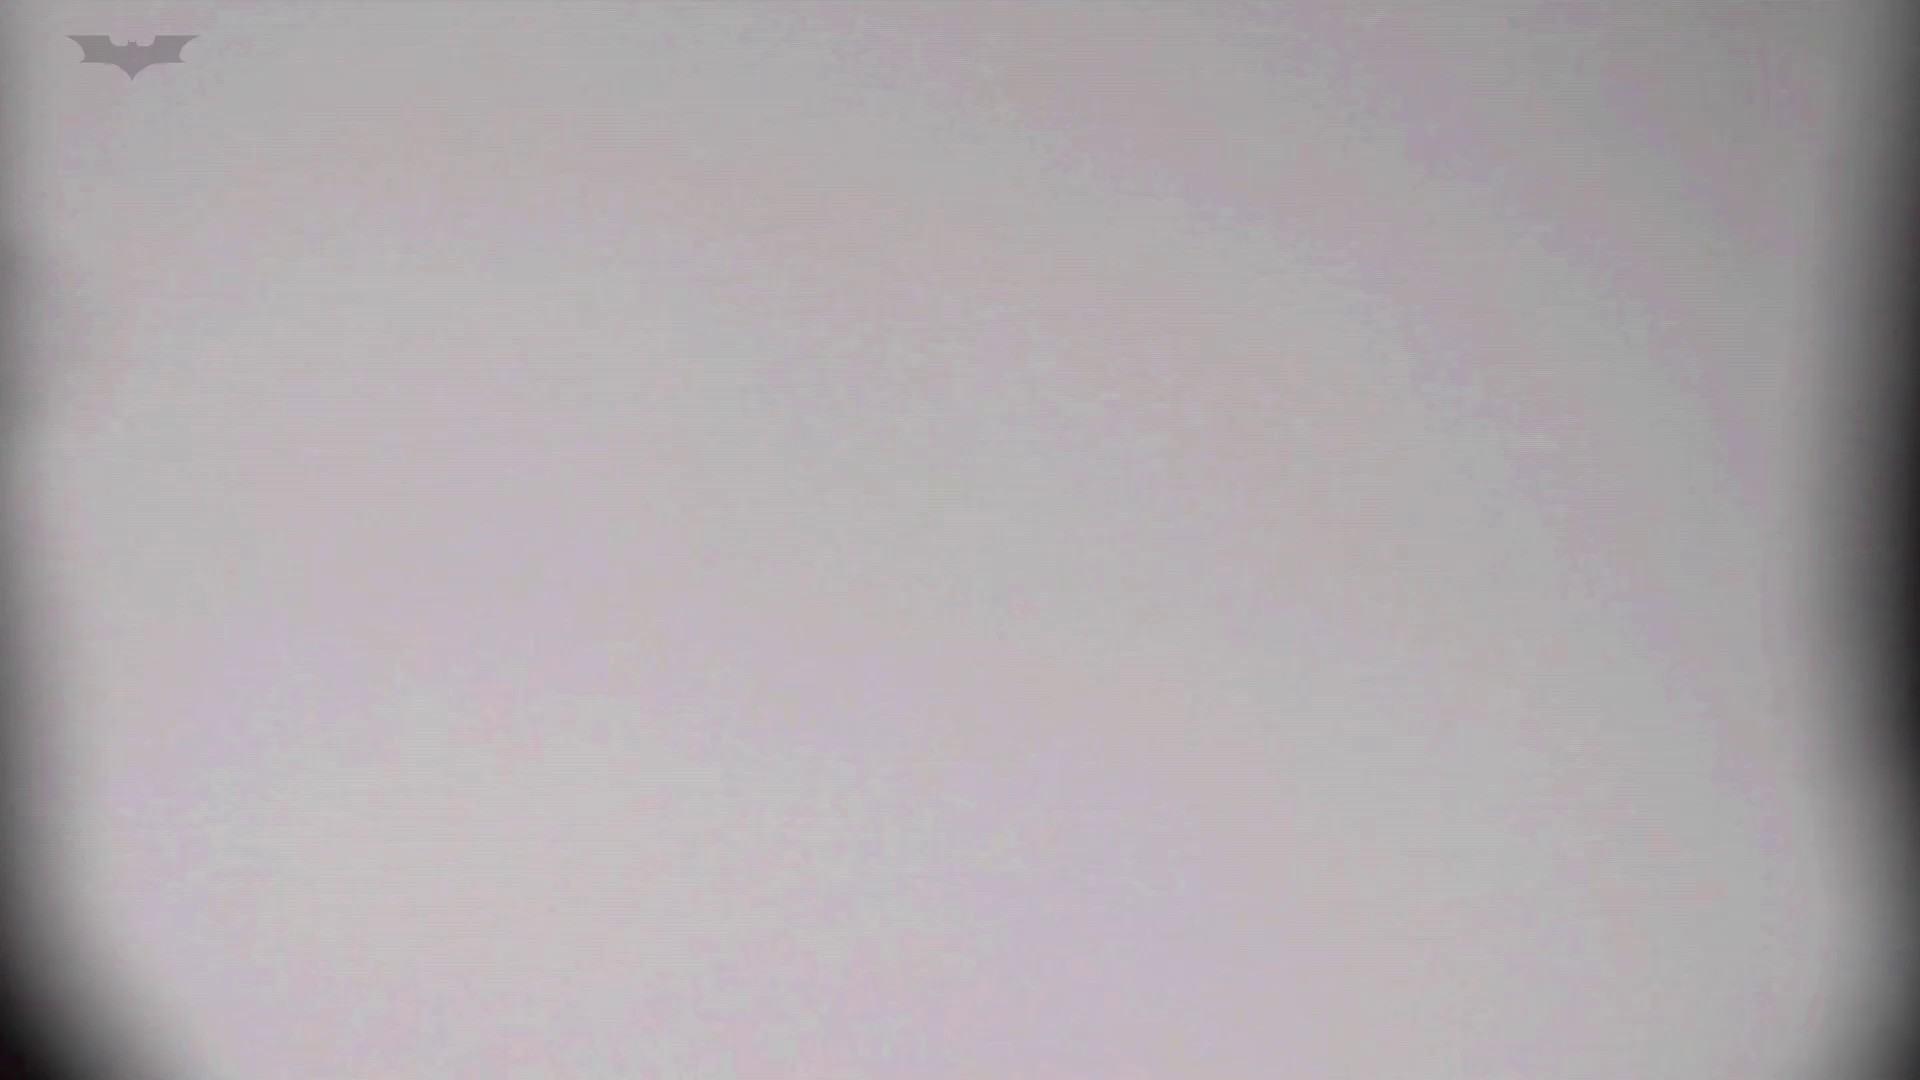 無料アダルト動画:お銀 vol.77 純国内、突き出し角度は規格外:怪盗ジョーカー